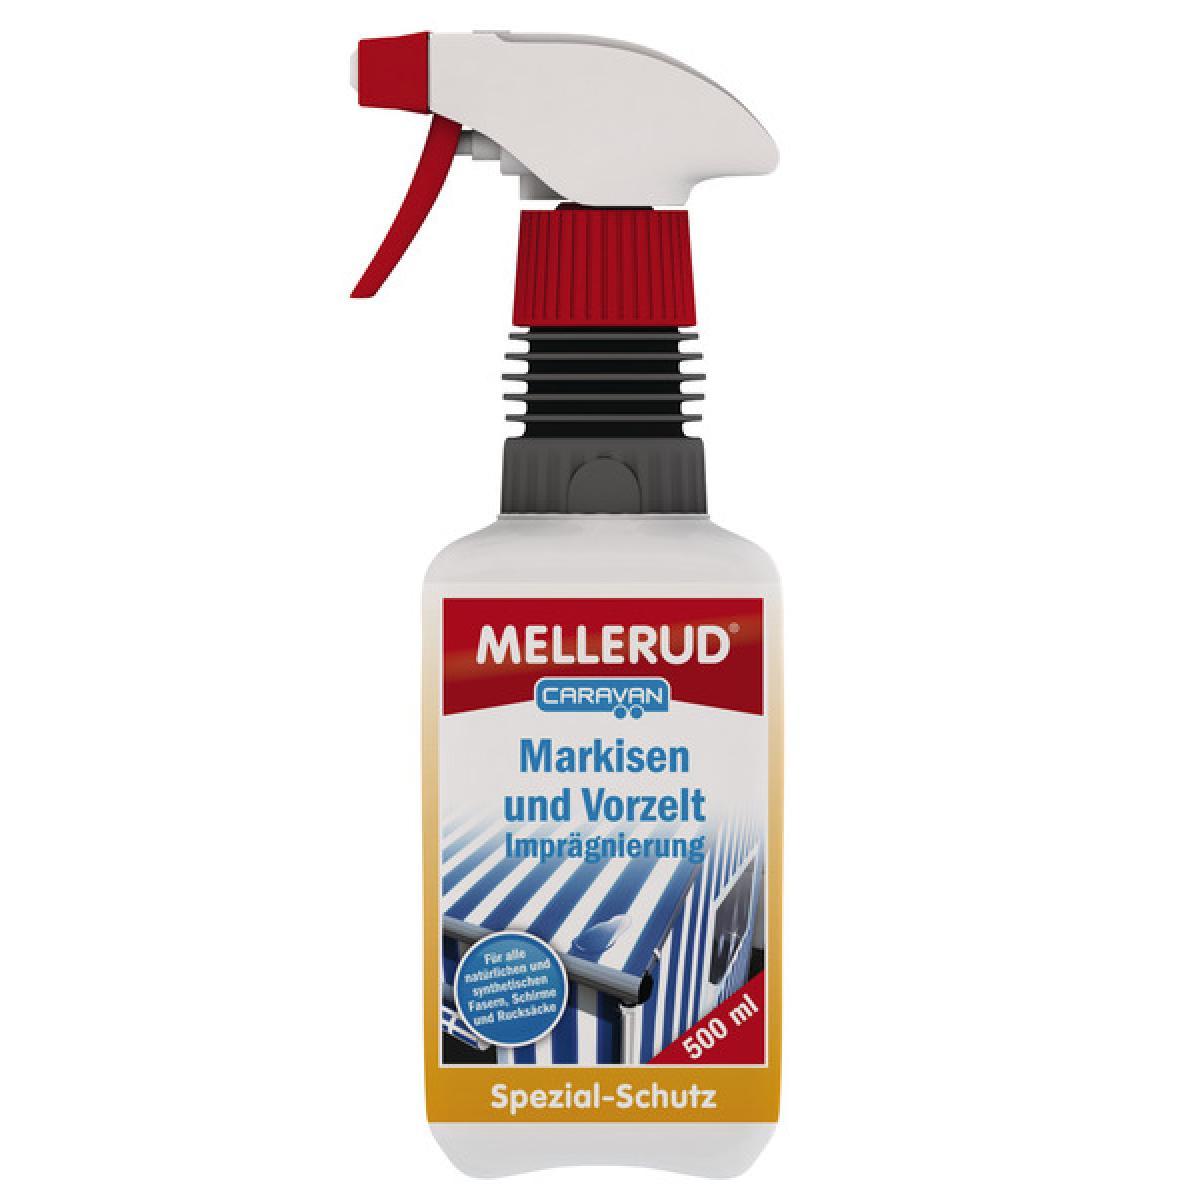 Mellerud Imprägnierer für Markisen und Zelte, 500ml